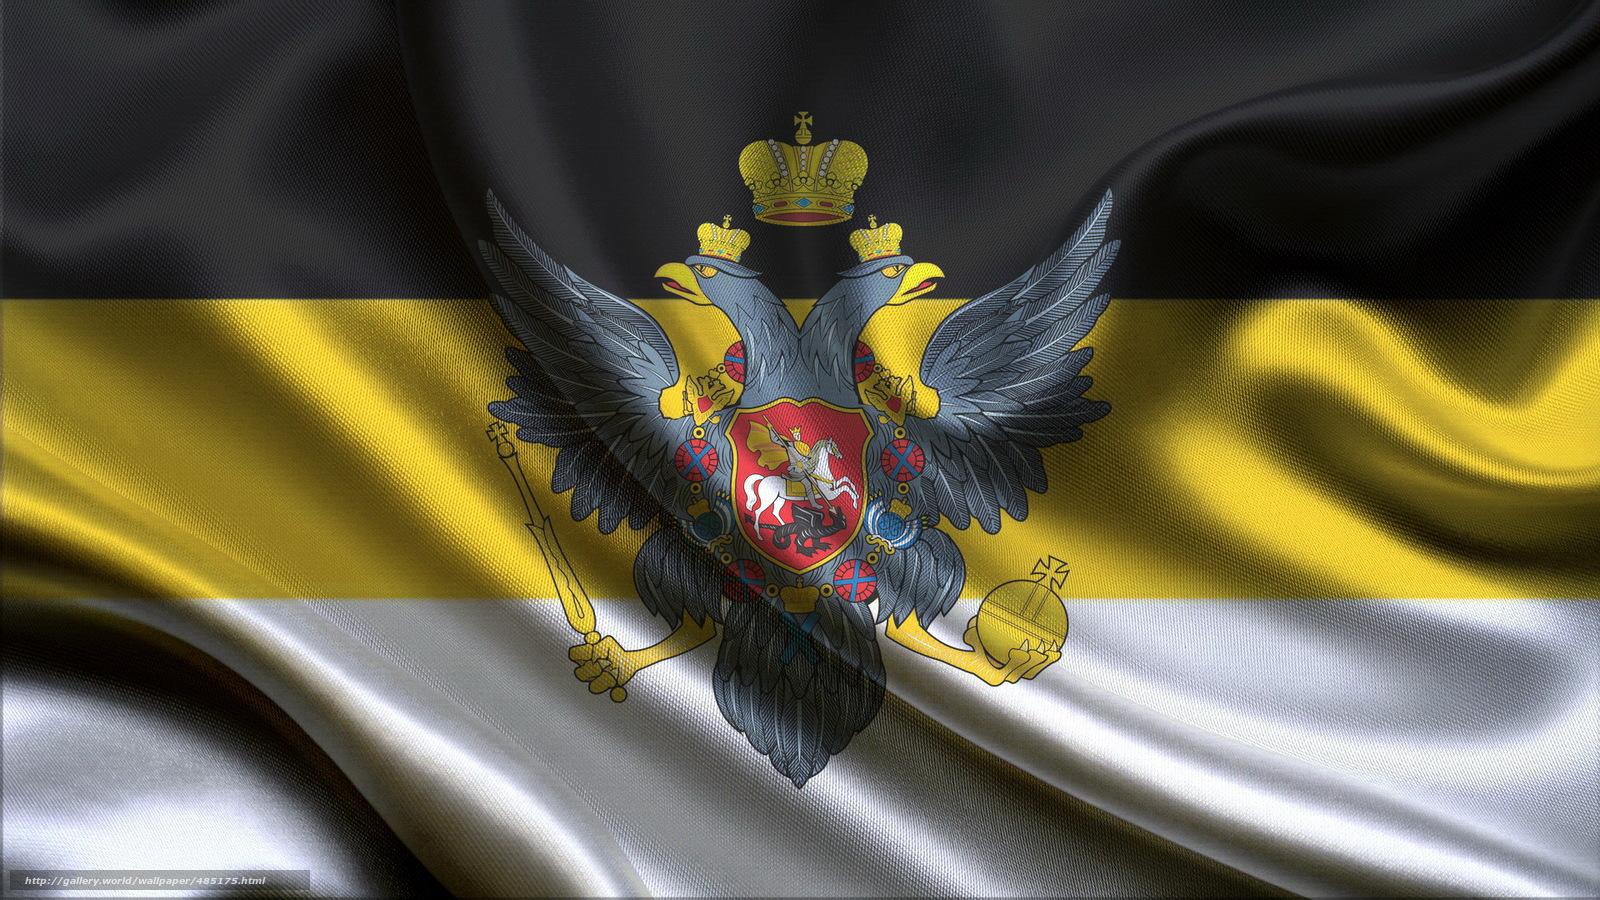 обои российская империя для рабочего стола № 823244 загрузить